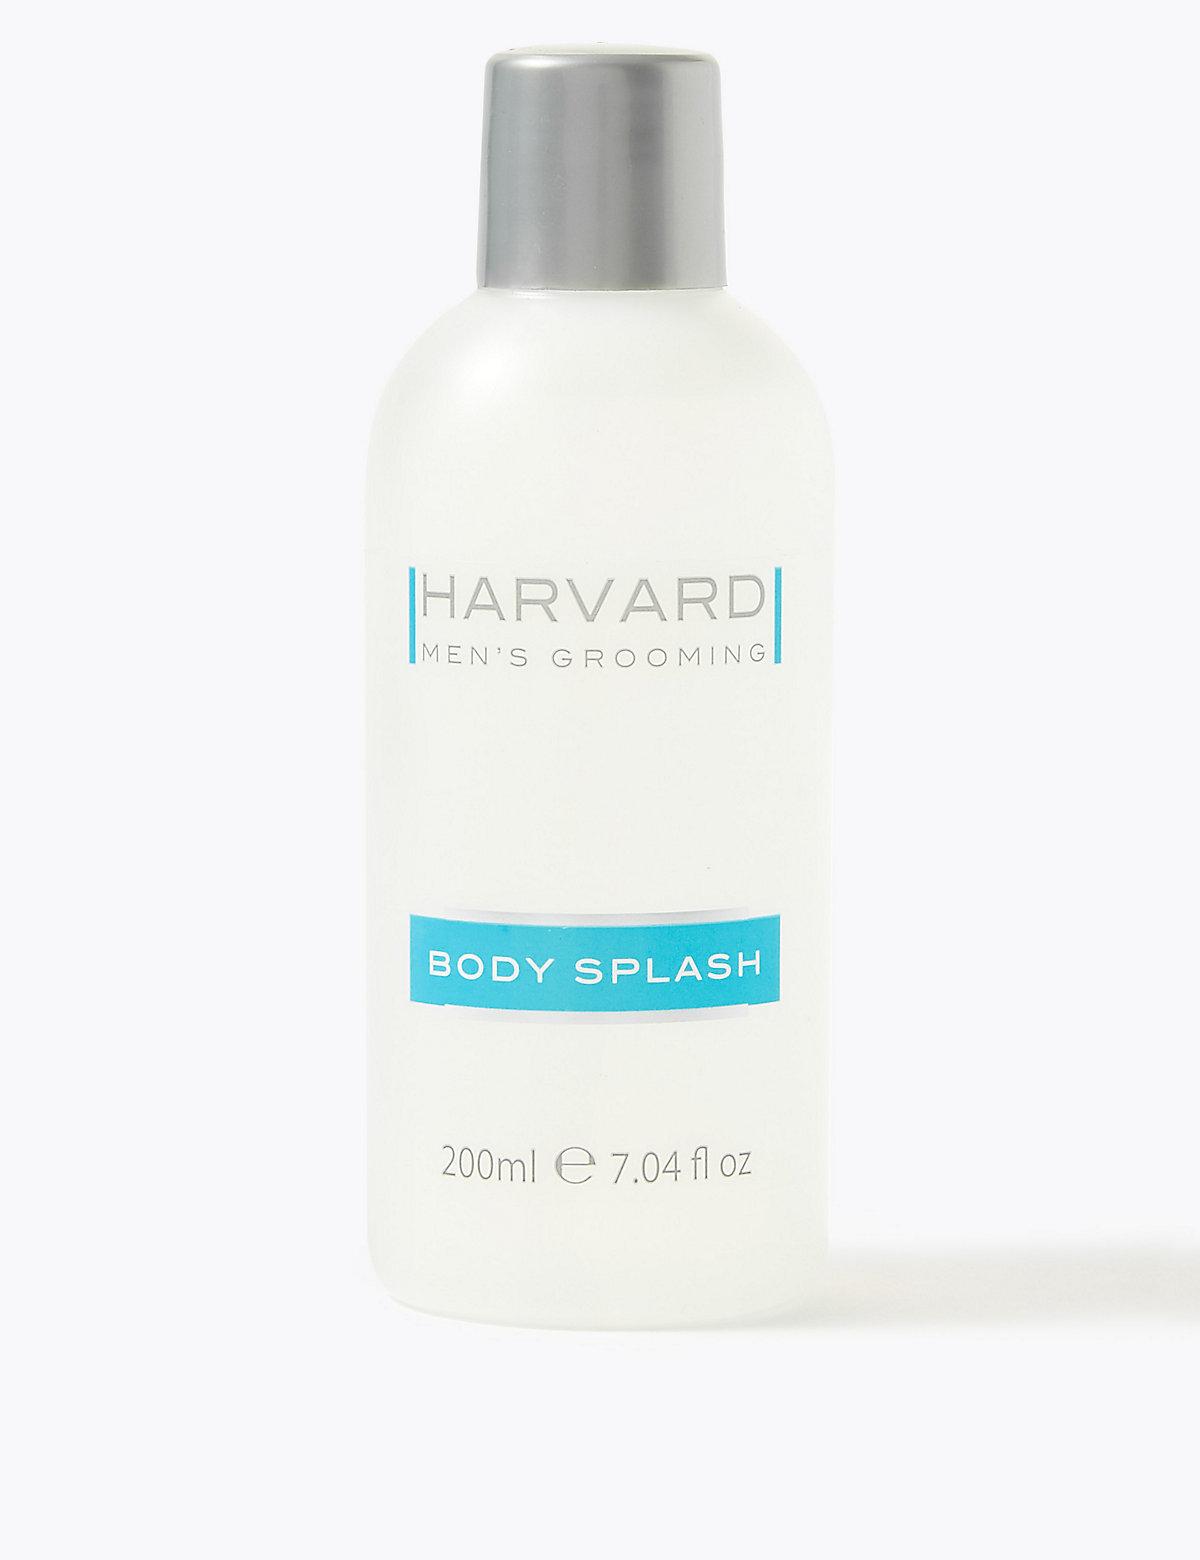 Harvard Body Splash 200ml